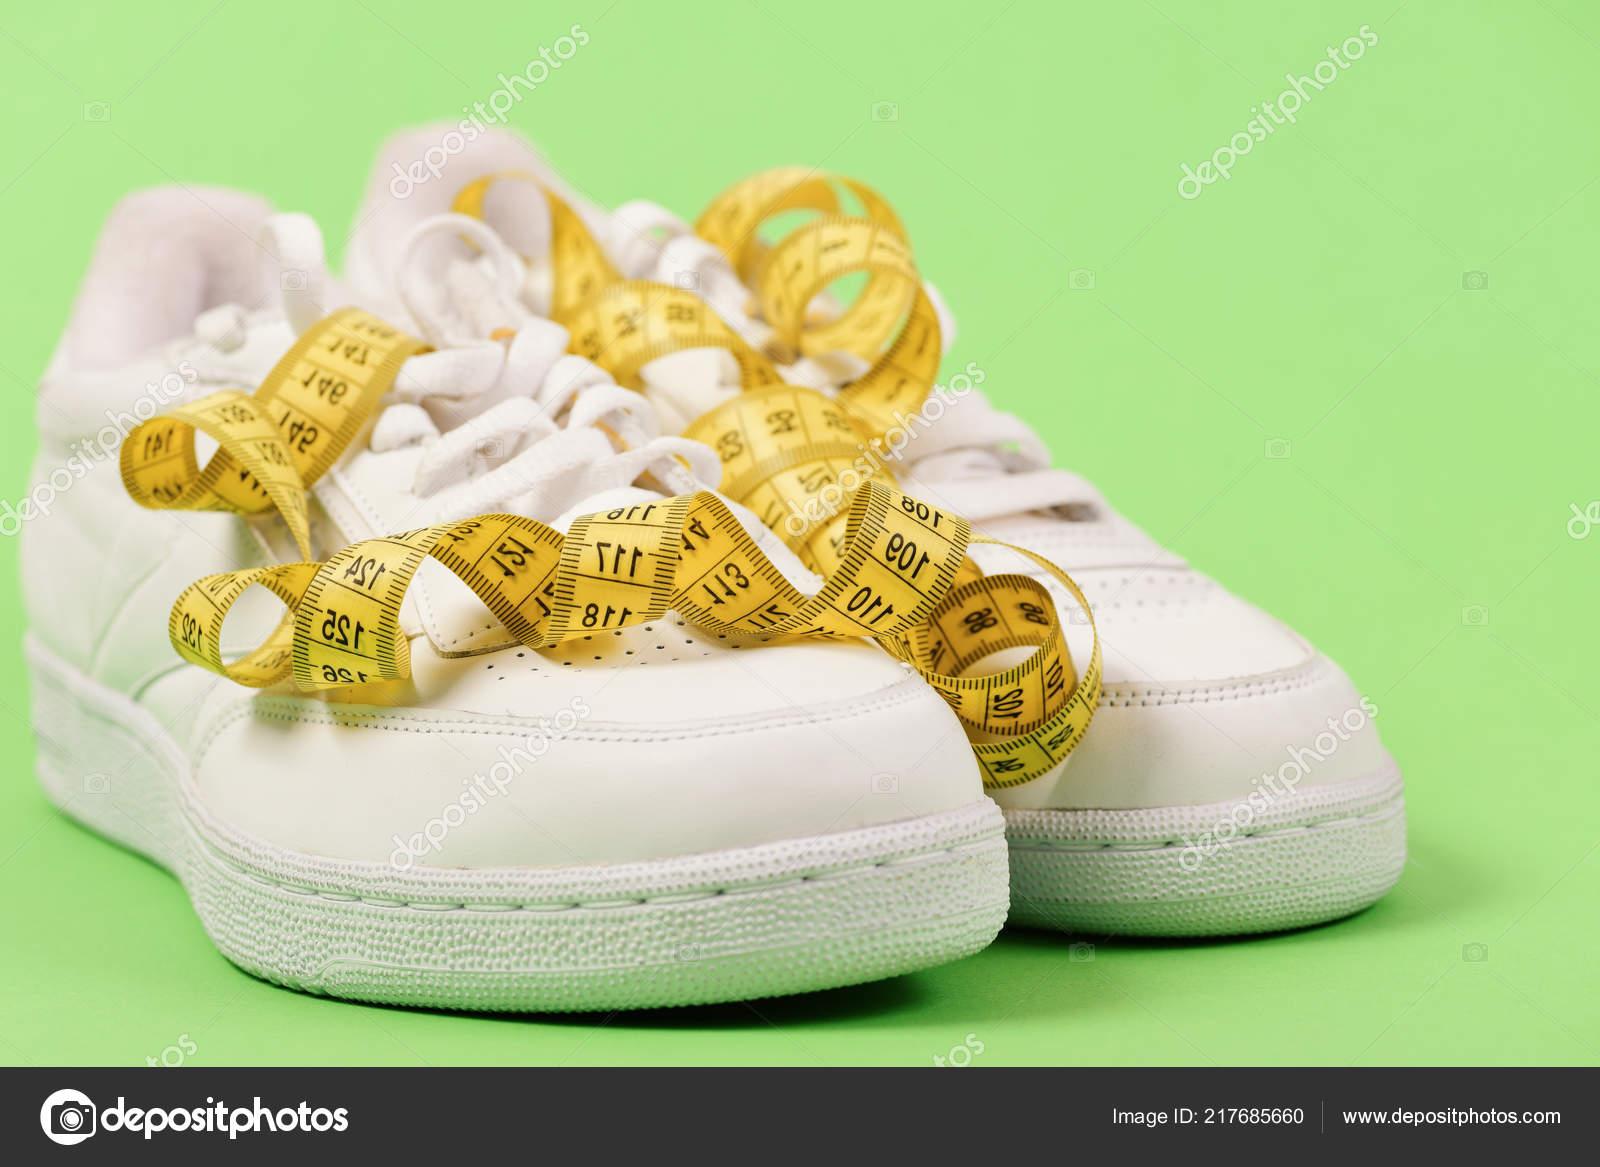 f041473ef74 Αθλητικά παπούτσια και αθλητικό εξοπλισμό για υγιές σχήμα. Έννοια  γυμναστικής και αθλητικών ειδών. Εκατοστό σε κίτρινο χρώμα που κατσαρώνουν  σε λευκό ...